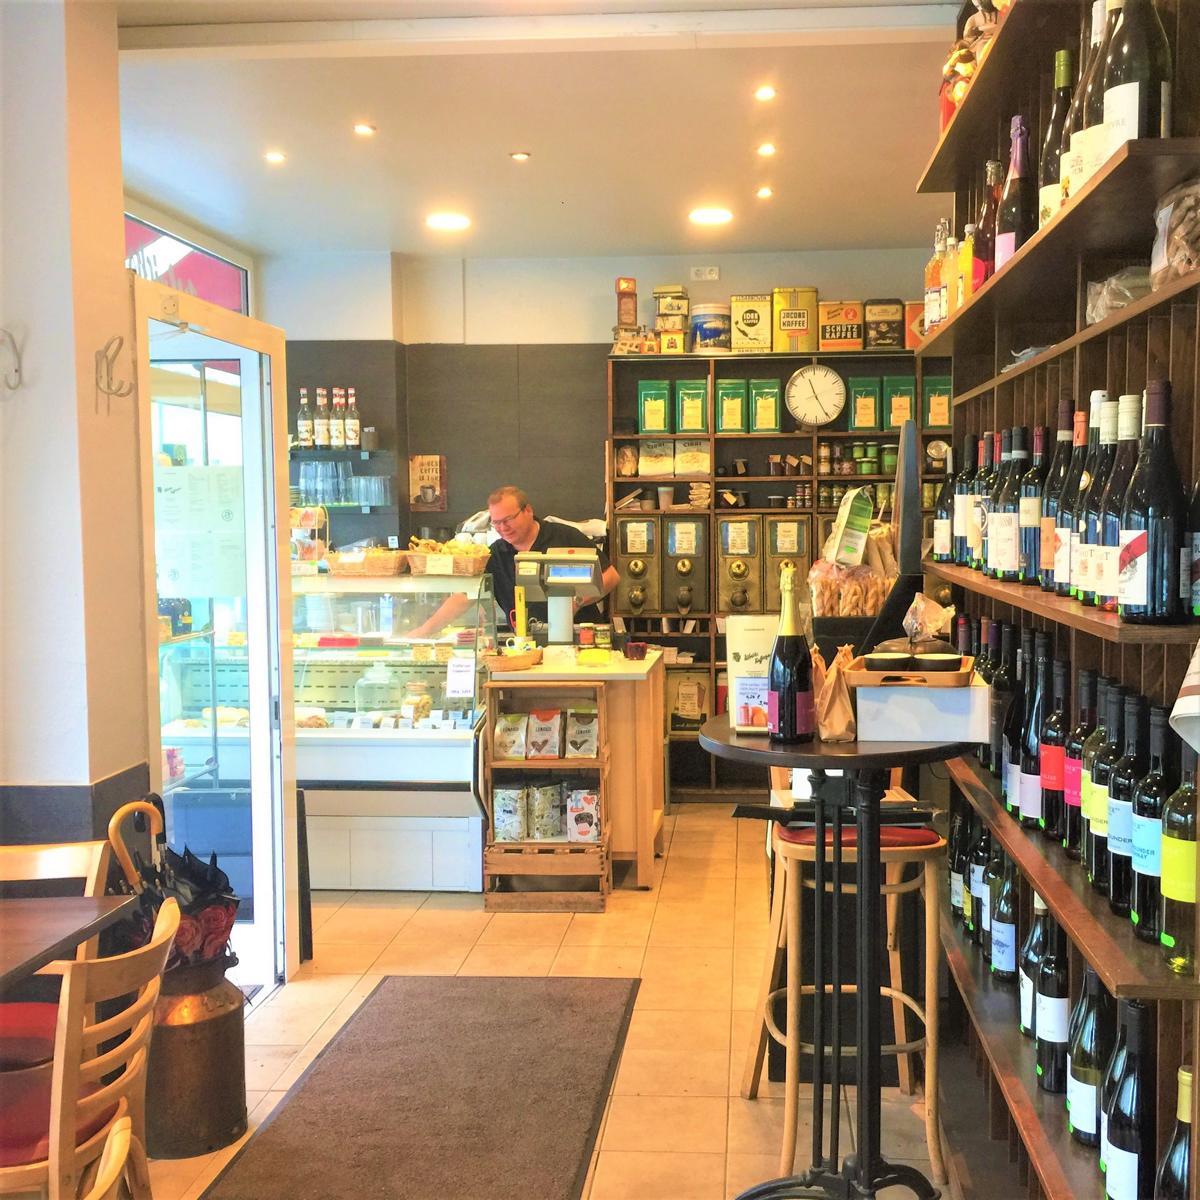 Style Hannover Ulbrichs Kaffehaus 2 - Ulbrichs Kaffeehaus